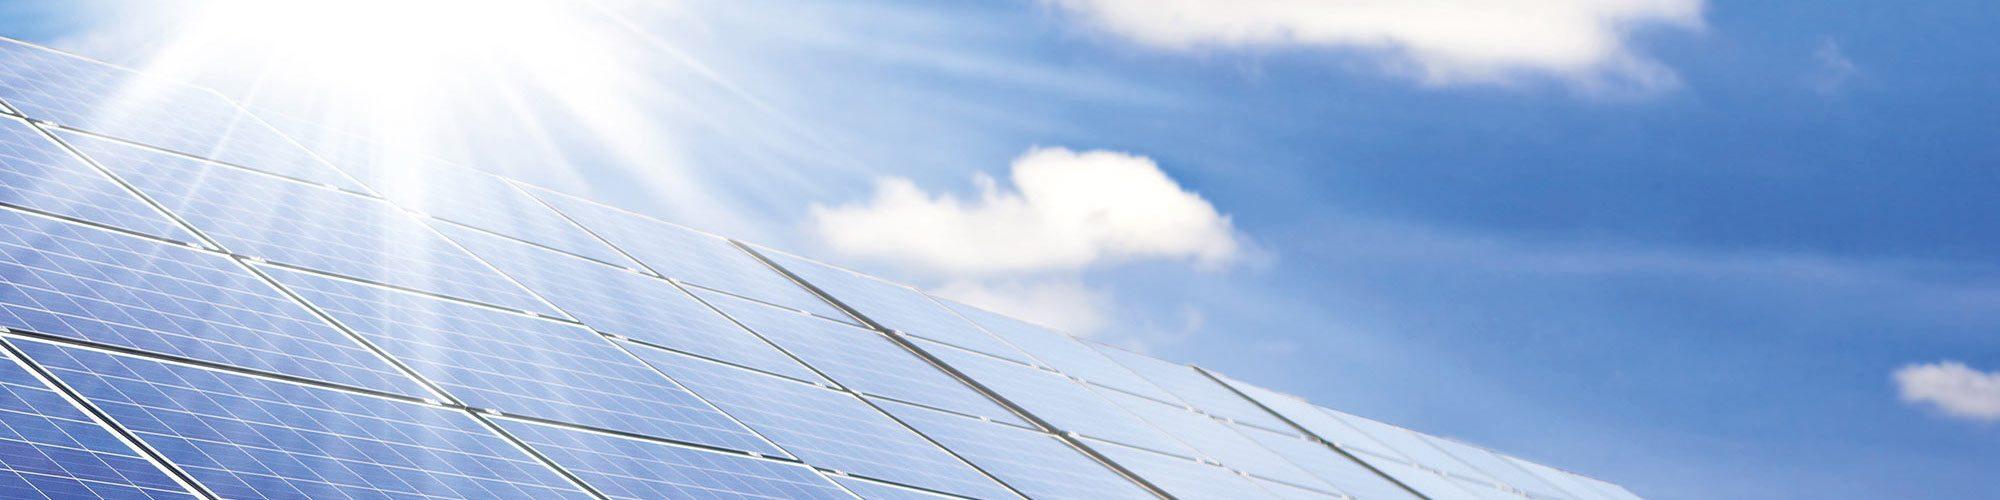 Exploiter les installations photovoltaïques en toute sécurité et avec un haut niveau de disponibilité